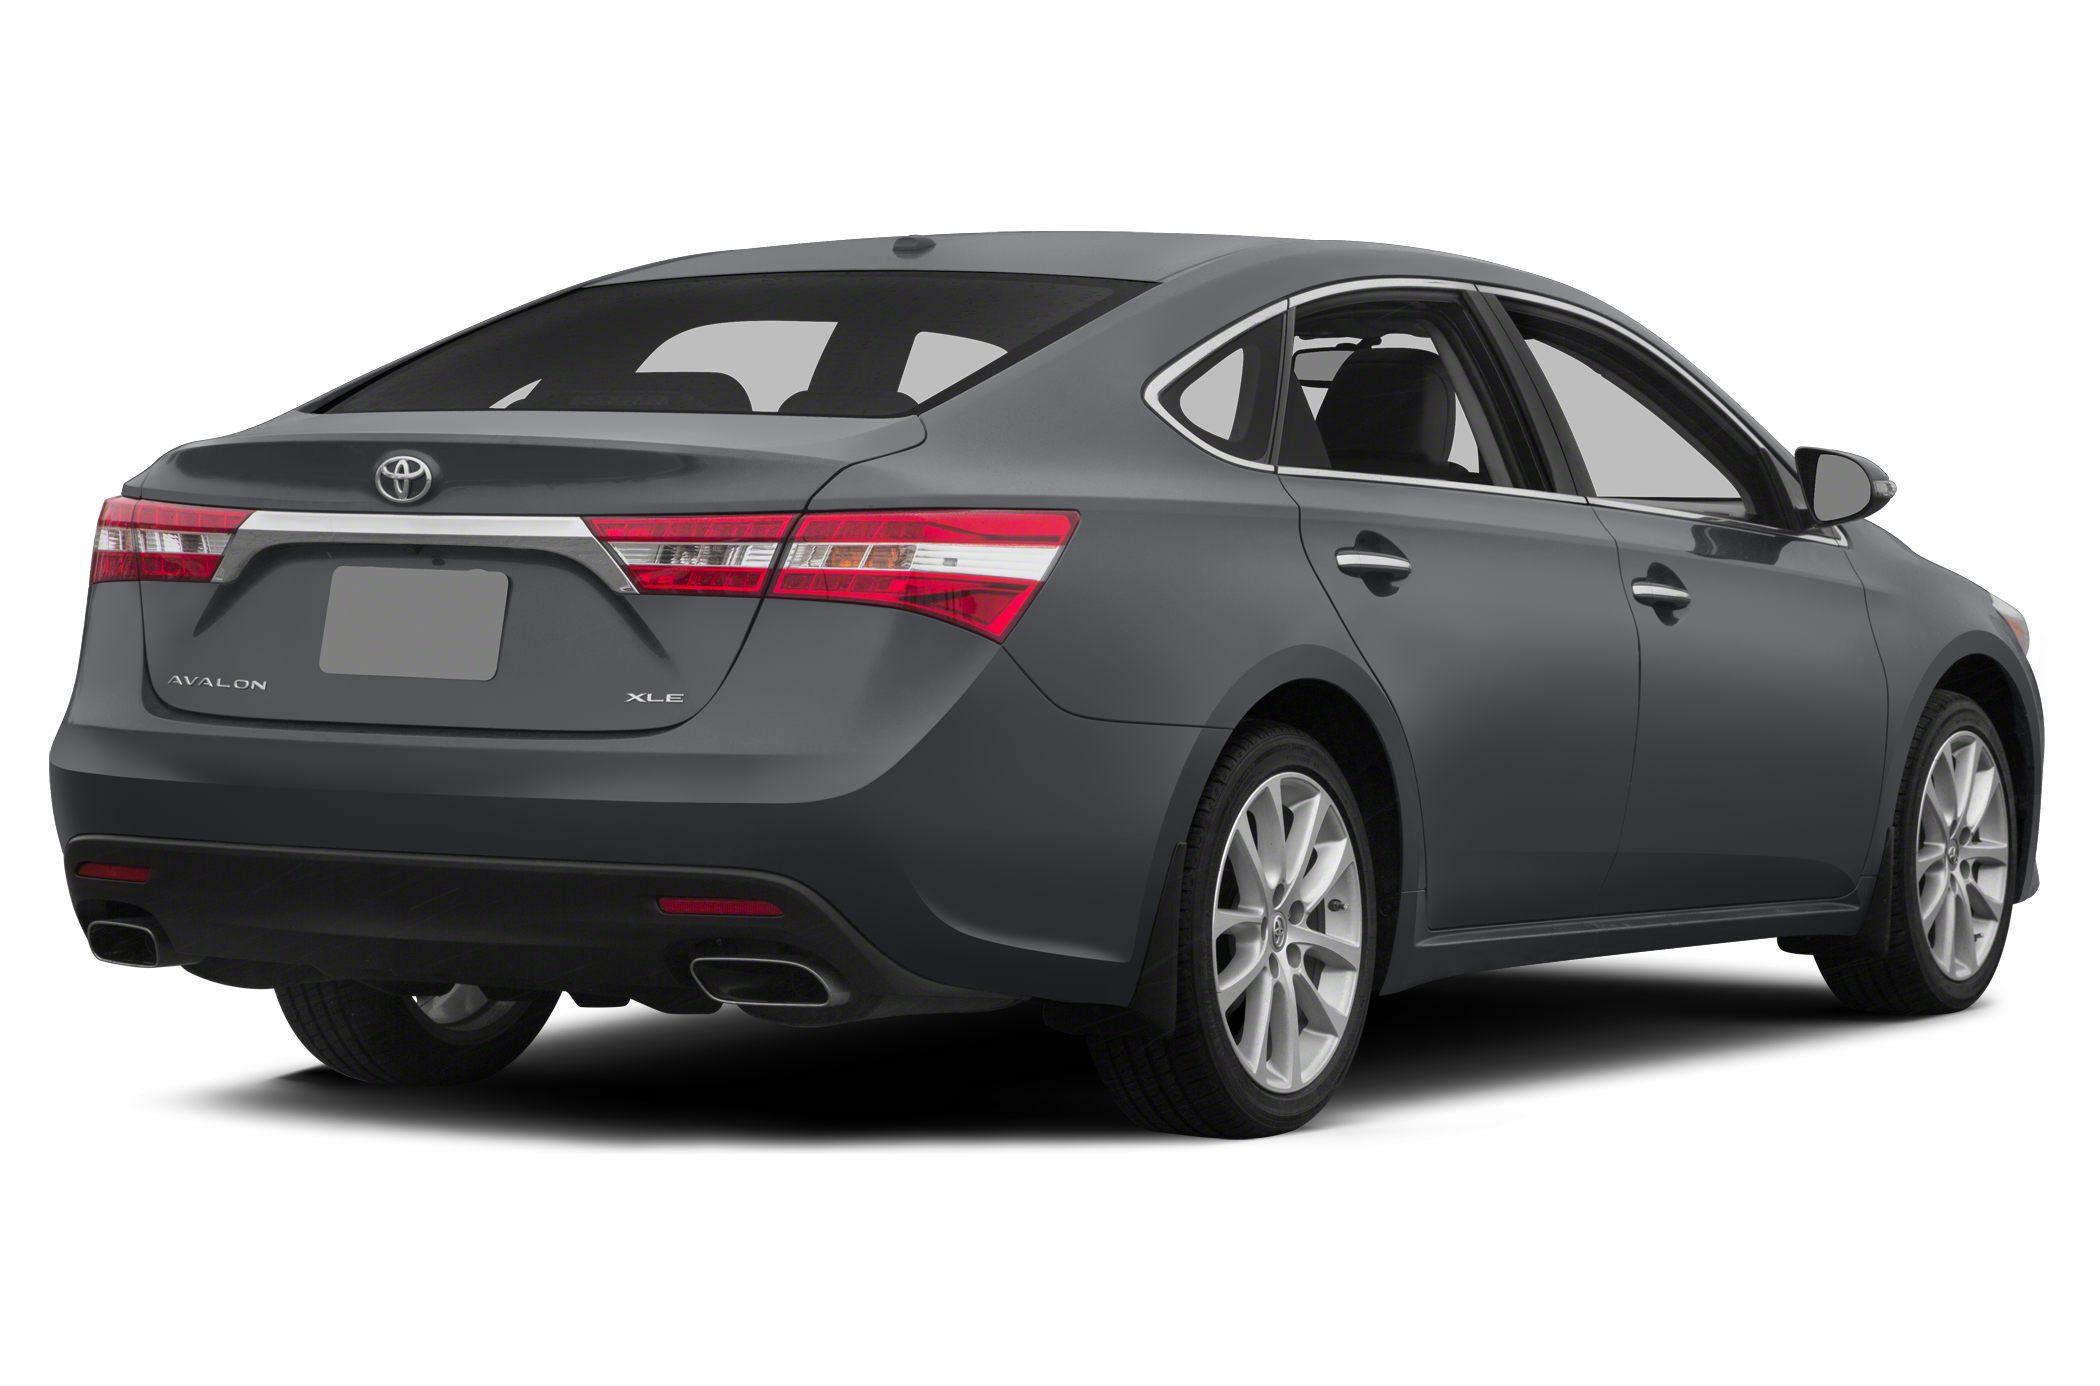 2013 Toyota Avalon Problems, Defects & Complaints